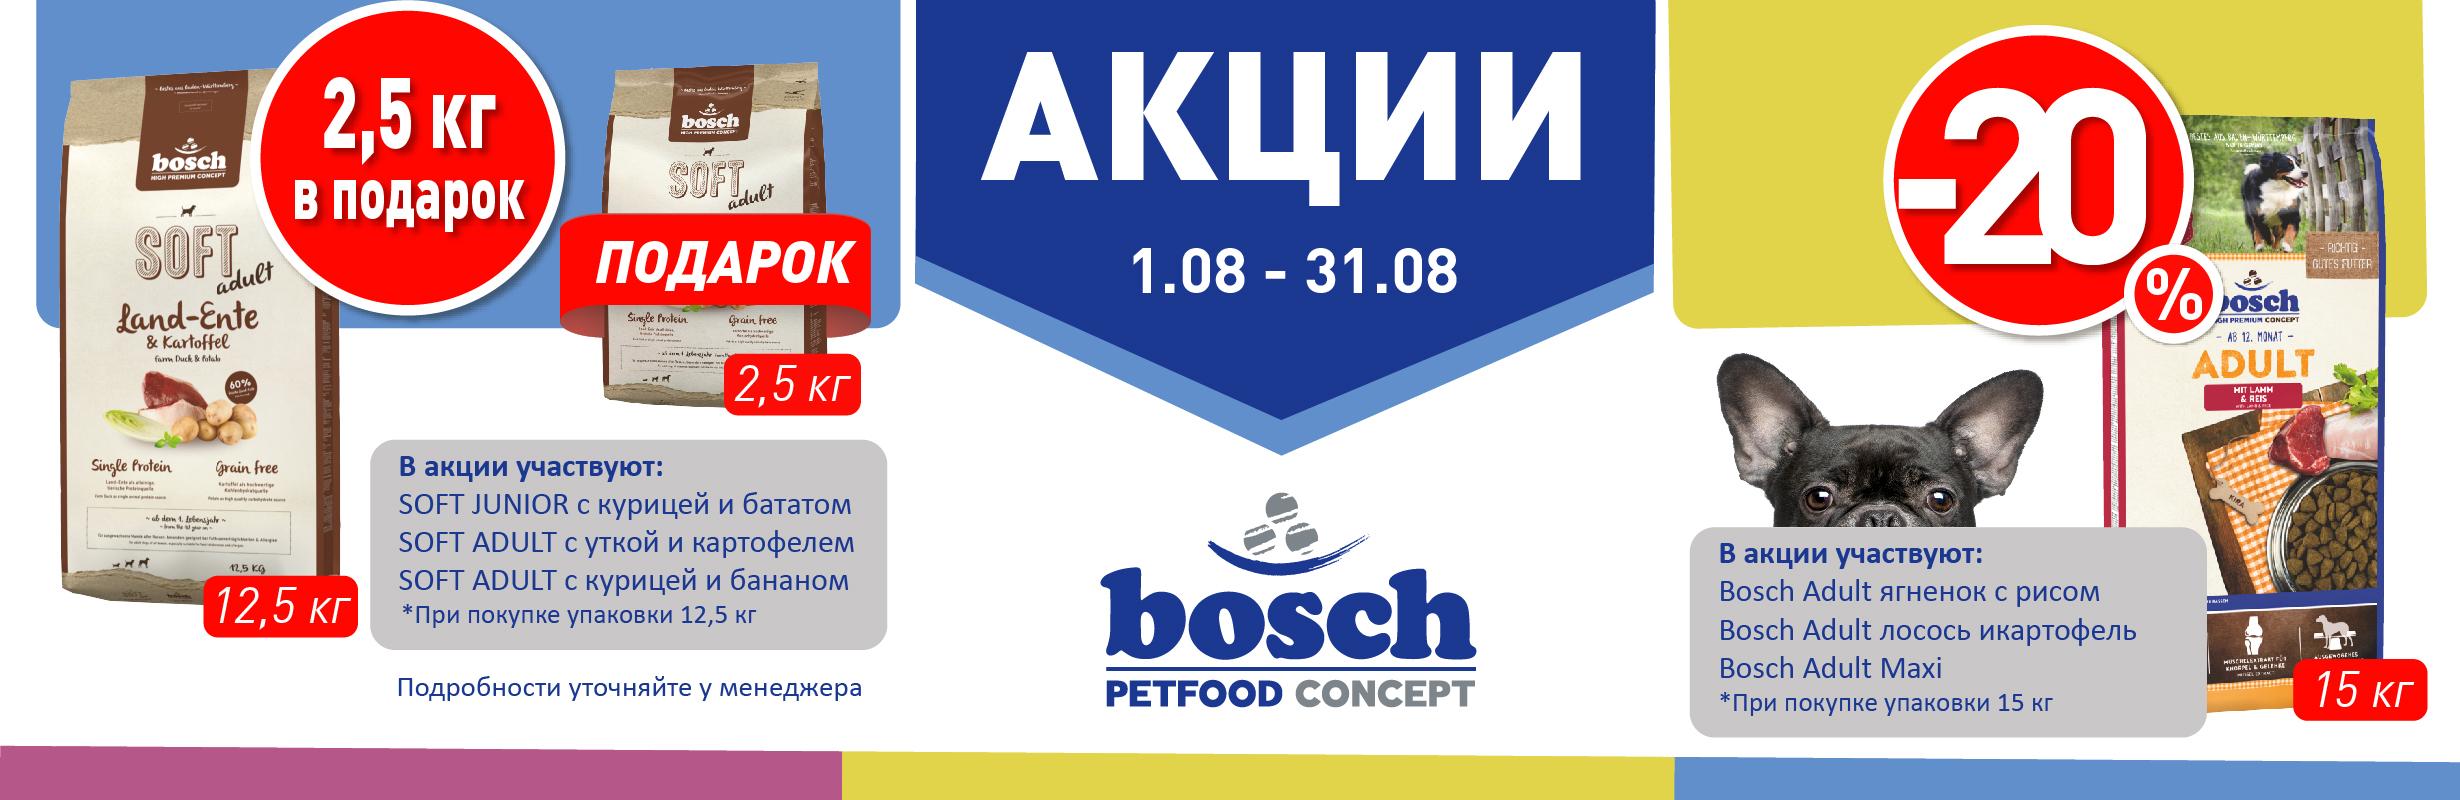 Bosch 01-310avgust 2018